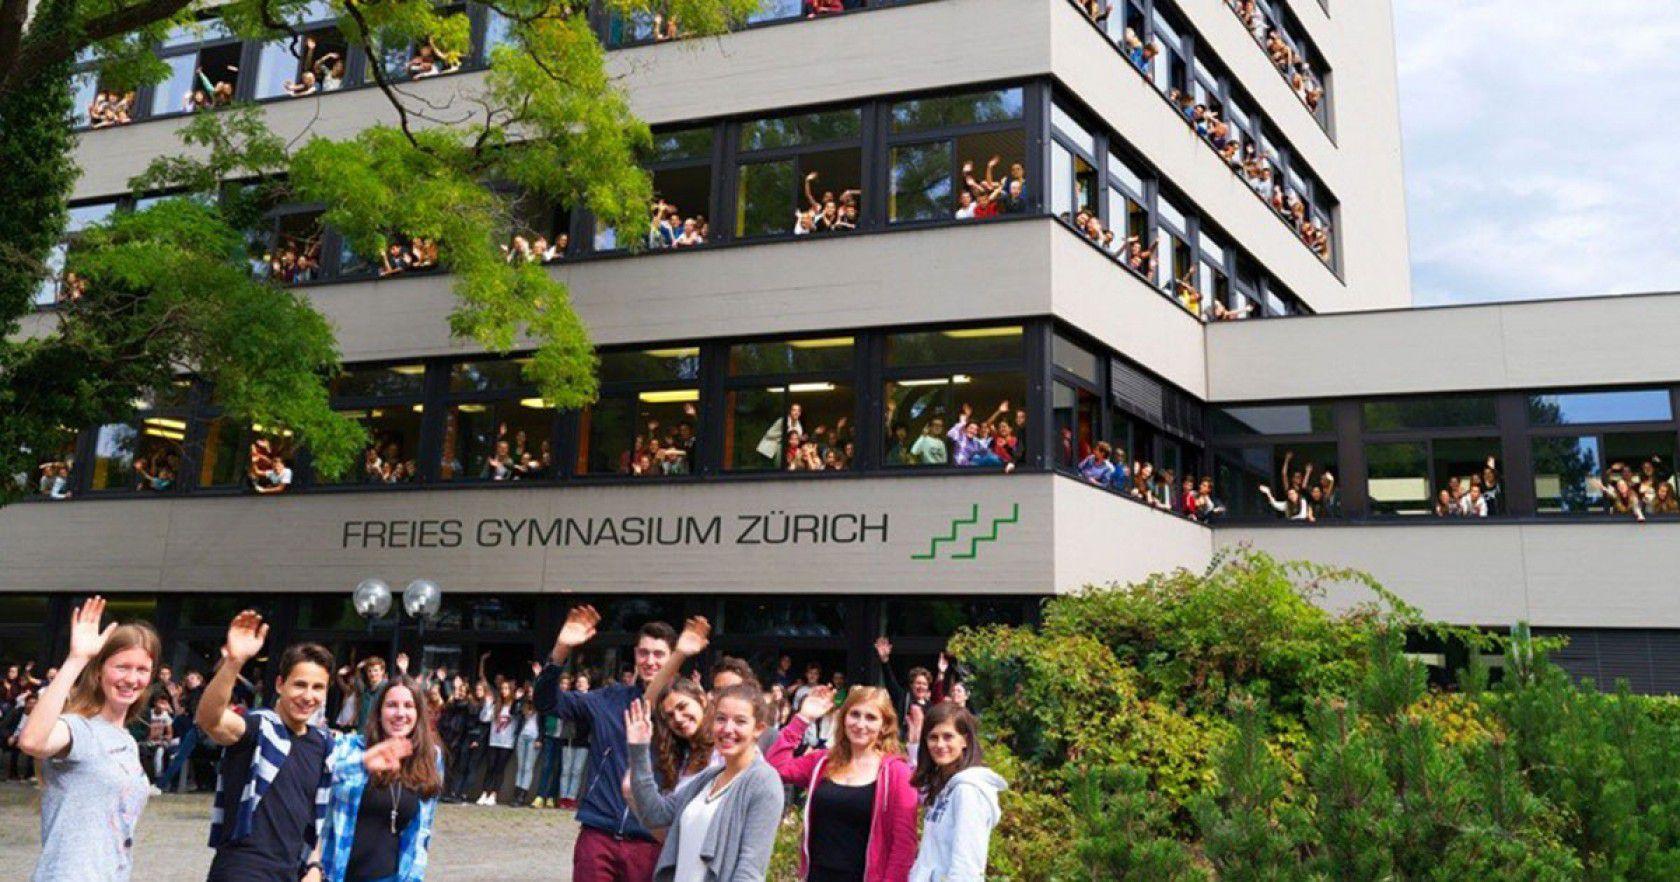 İsviçre'de Lisede Burs Almak İsteyen Öğrenciler Nelere Dikkat Etmeli?